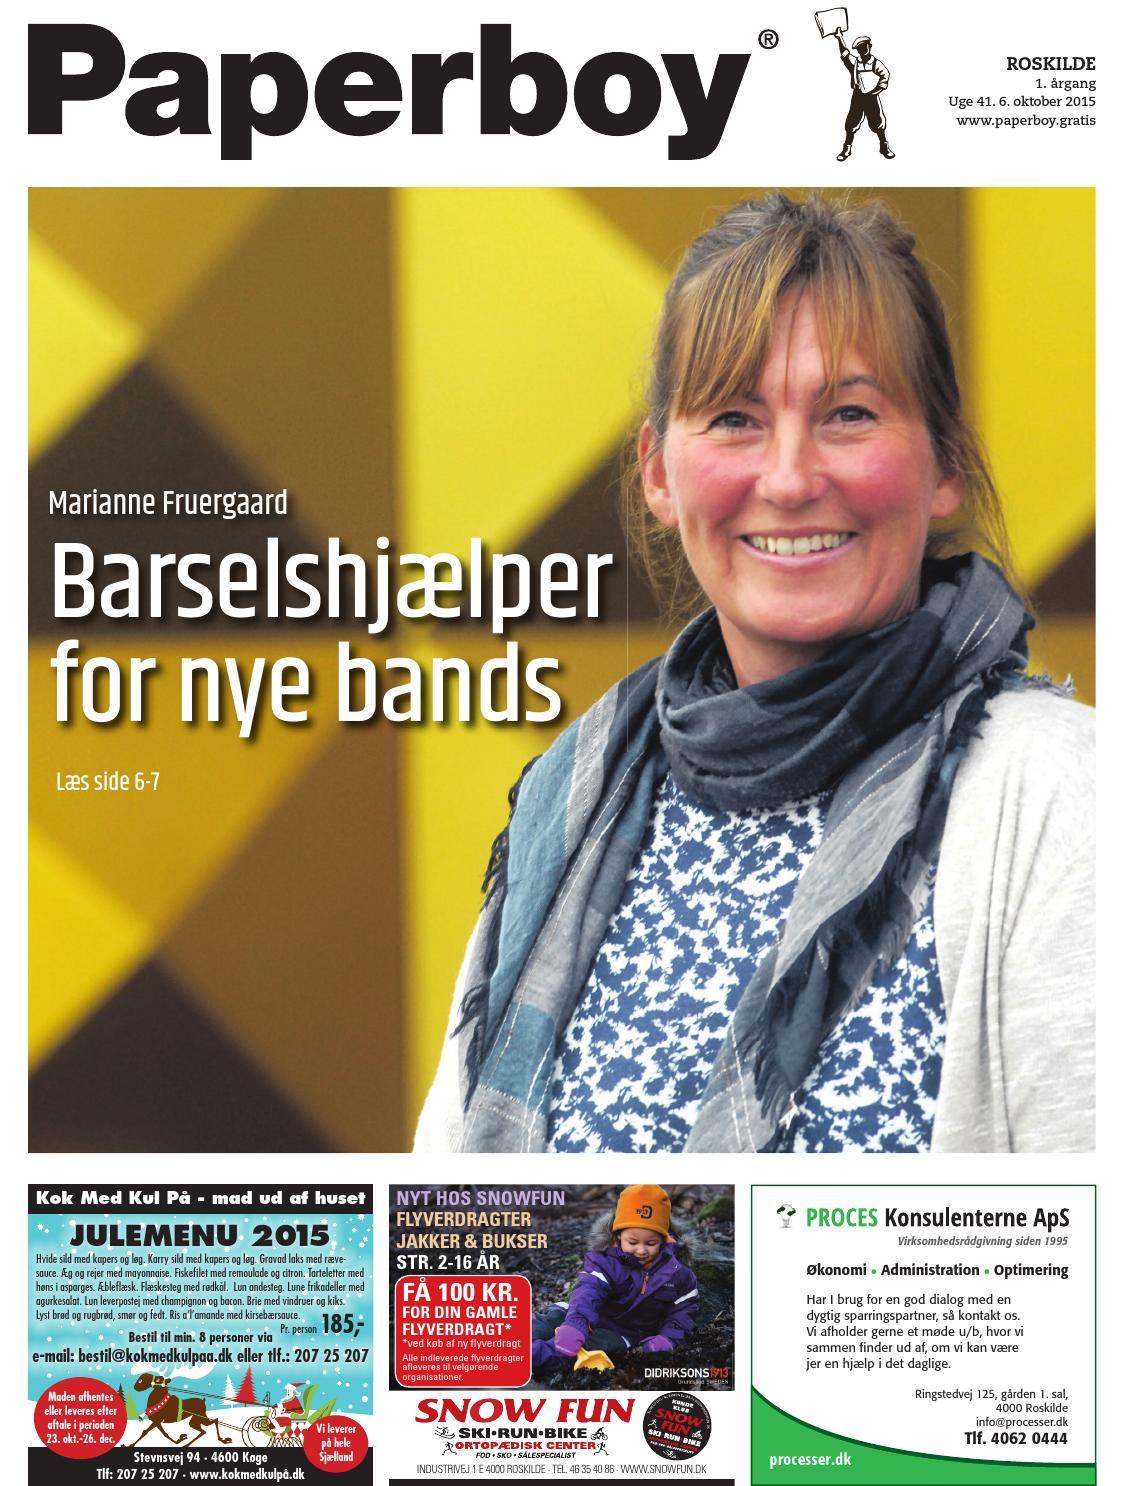 Inde i Bladet TILMELD DIG PÅ INFO@SOLKYSTEN.